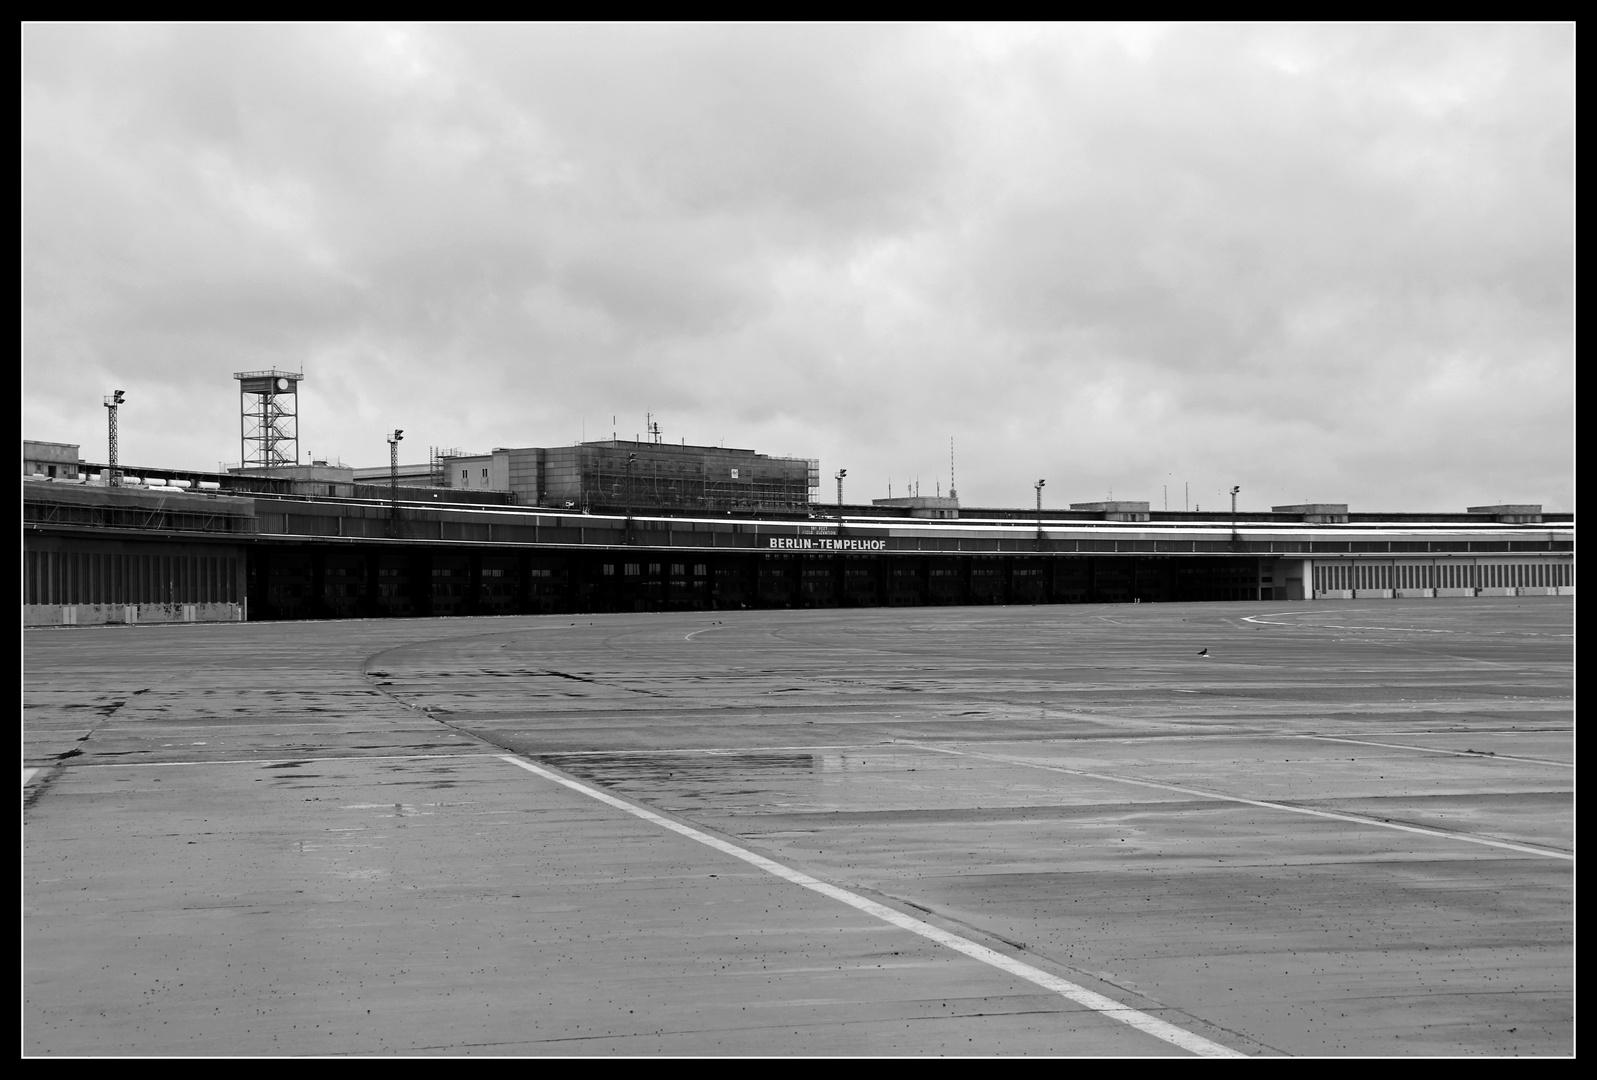 Flughafen Berlin - Tempelhof (3)